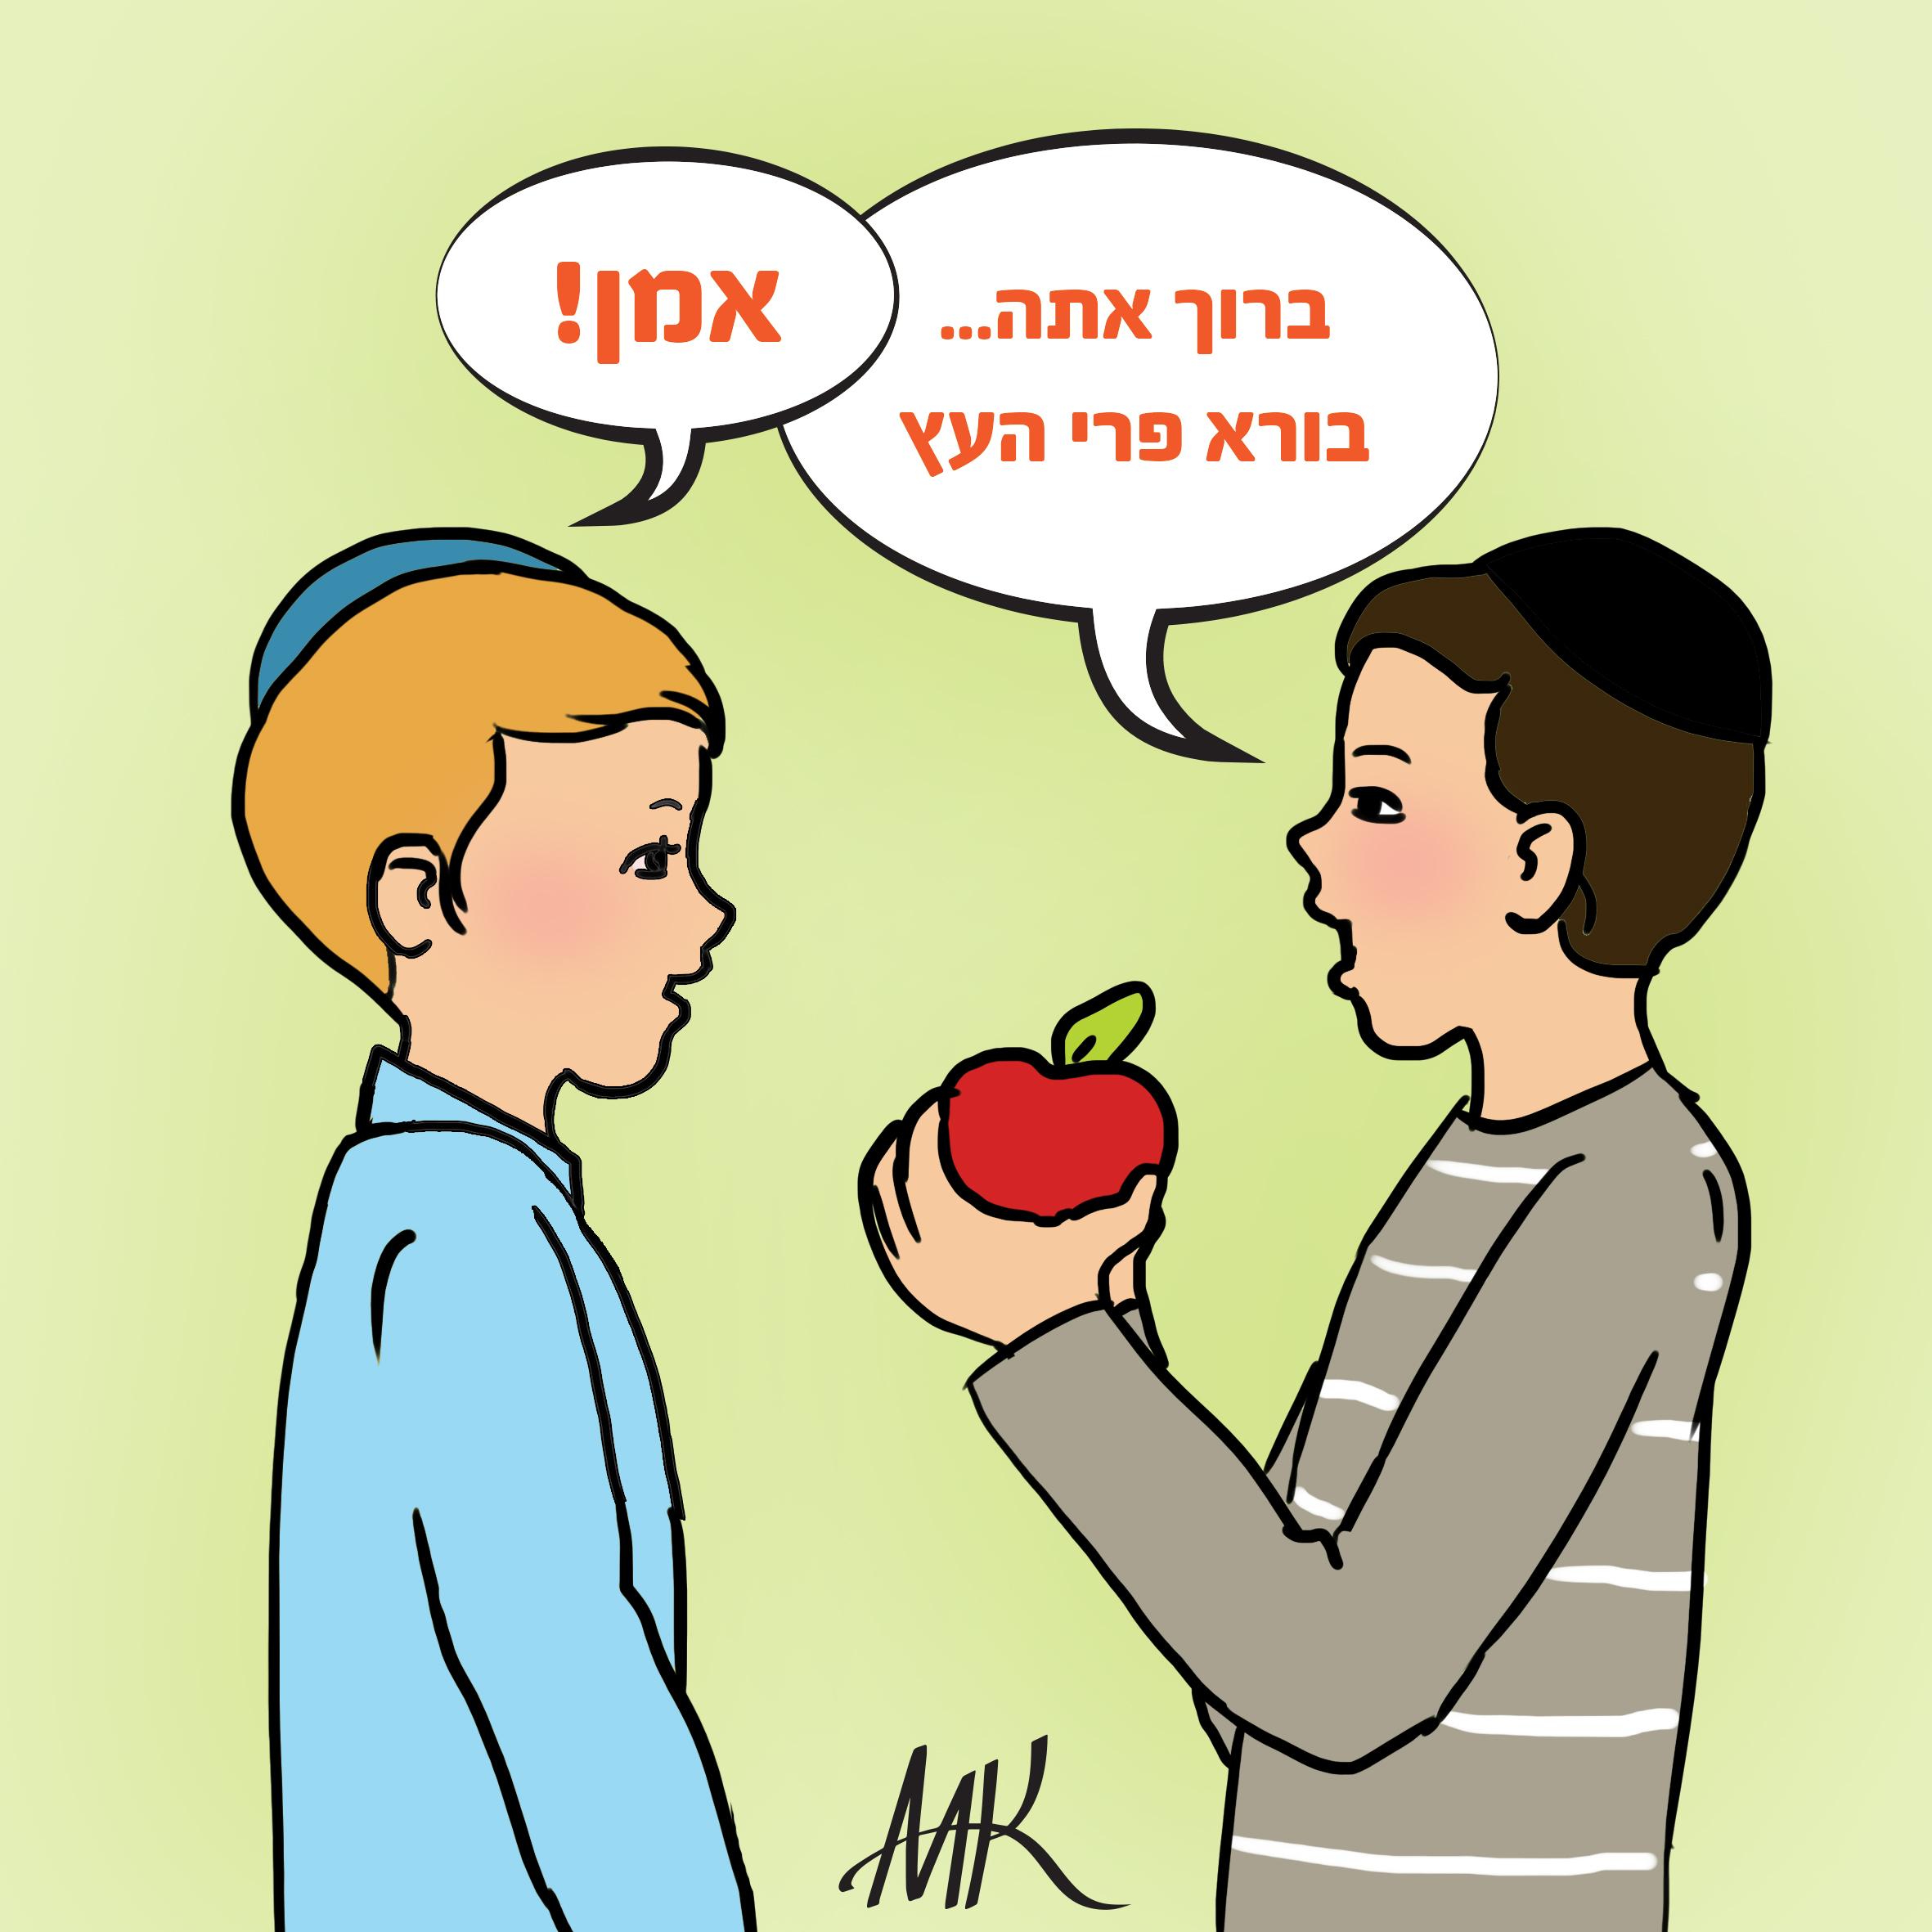 ילד,ילדים,ברכה,פרי העץ,תפוח